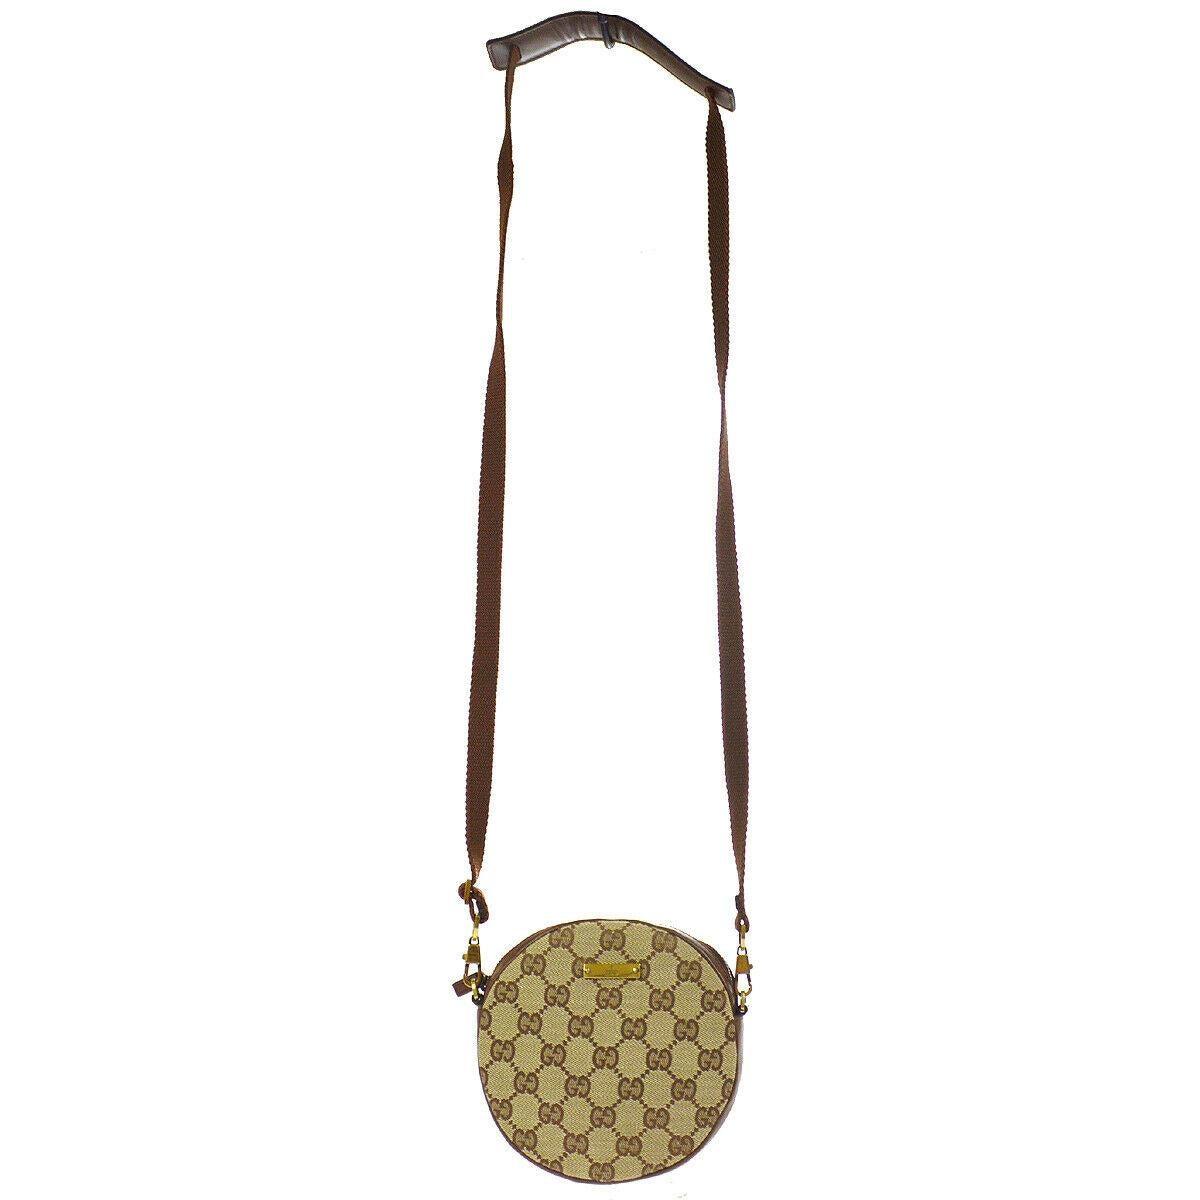 5ca3a8706 2018 Gucci Man Shoulder Bag at 1stdibs